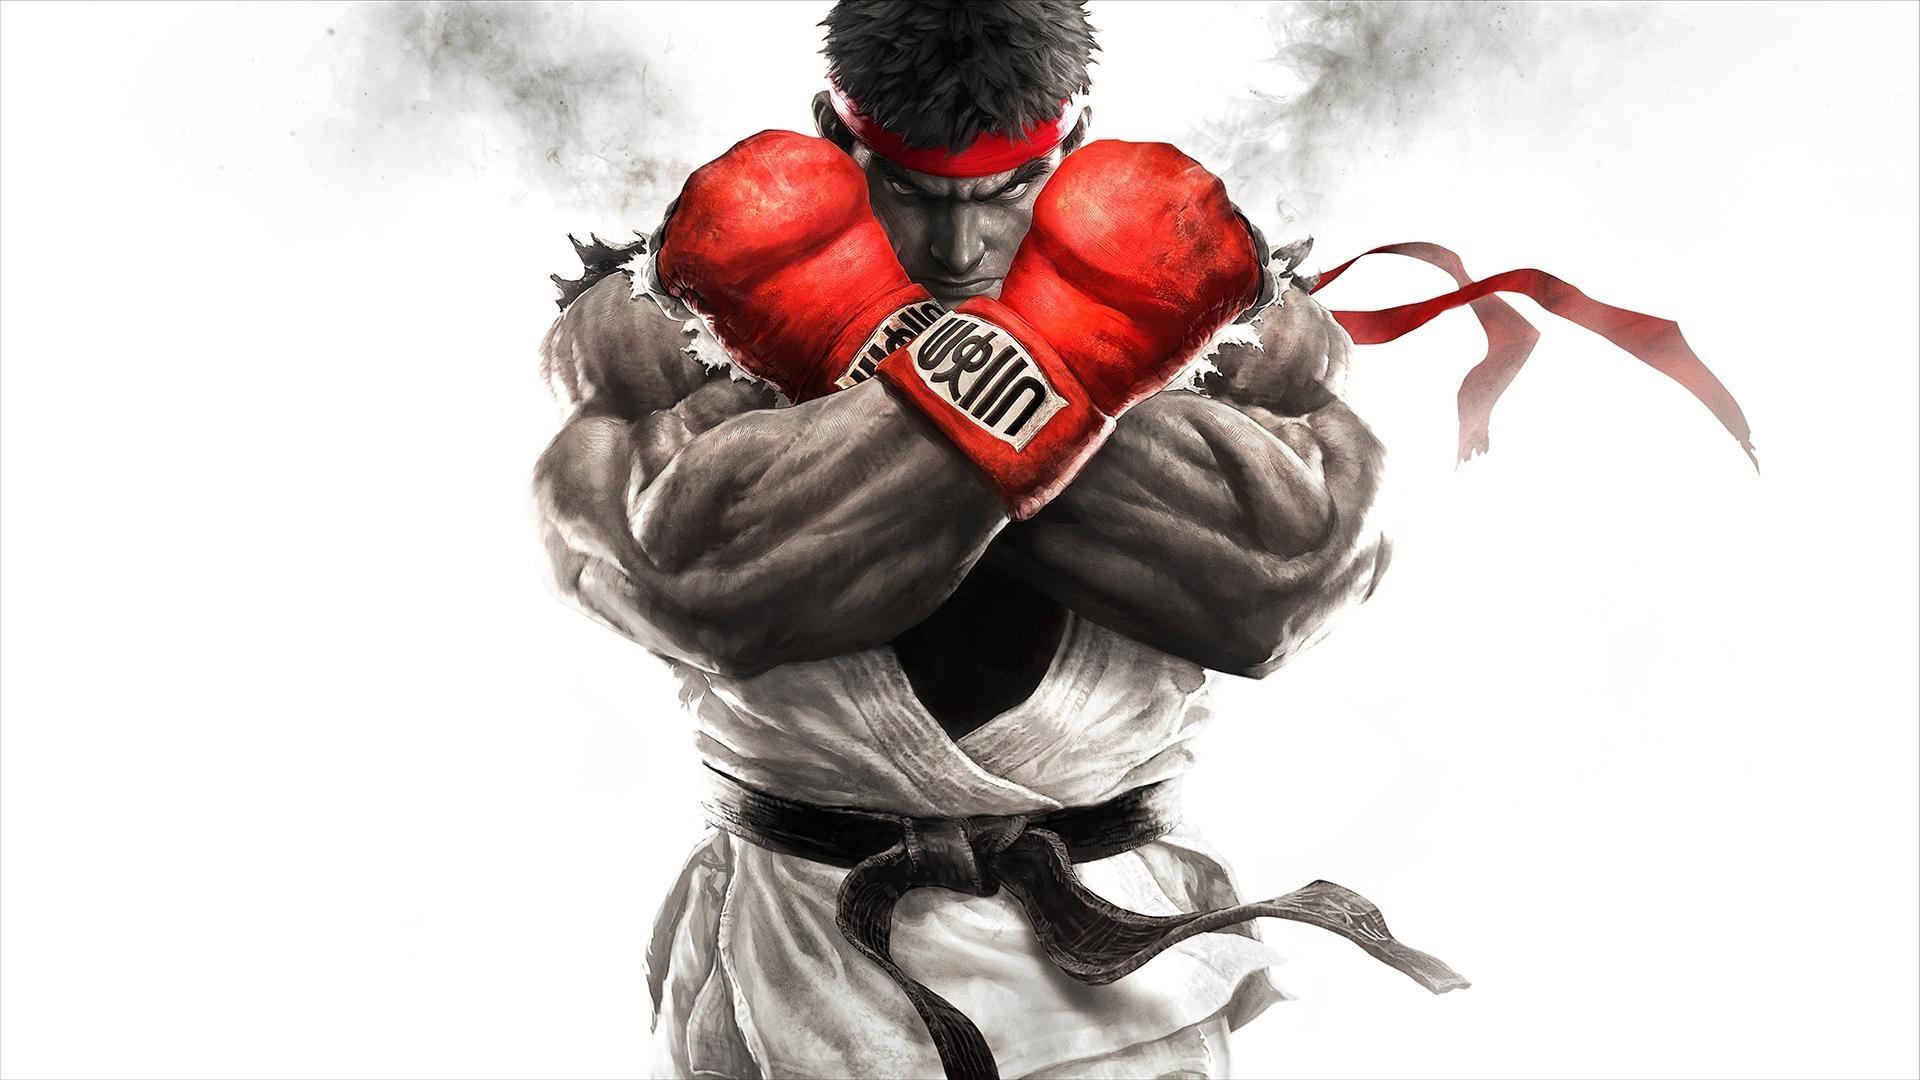 street fighter: une série tv avec un vrai casting est dans les